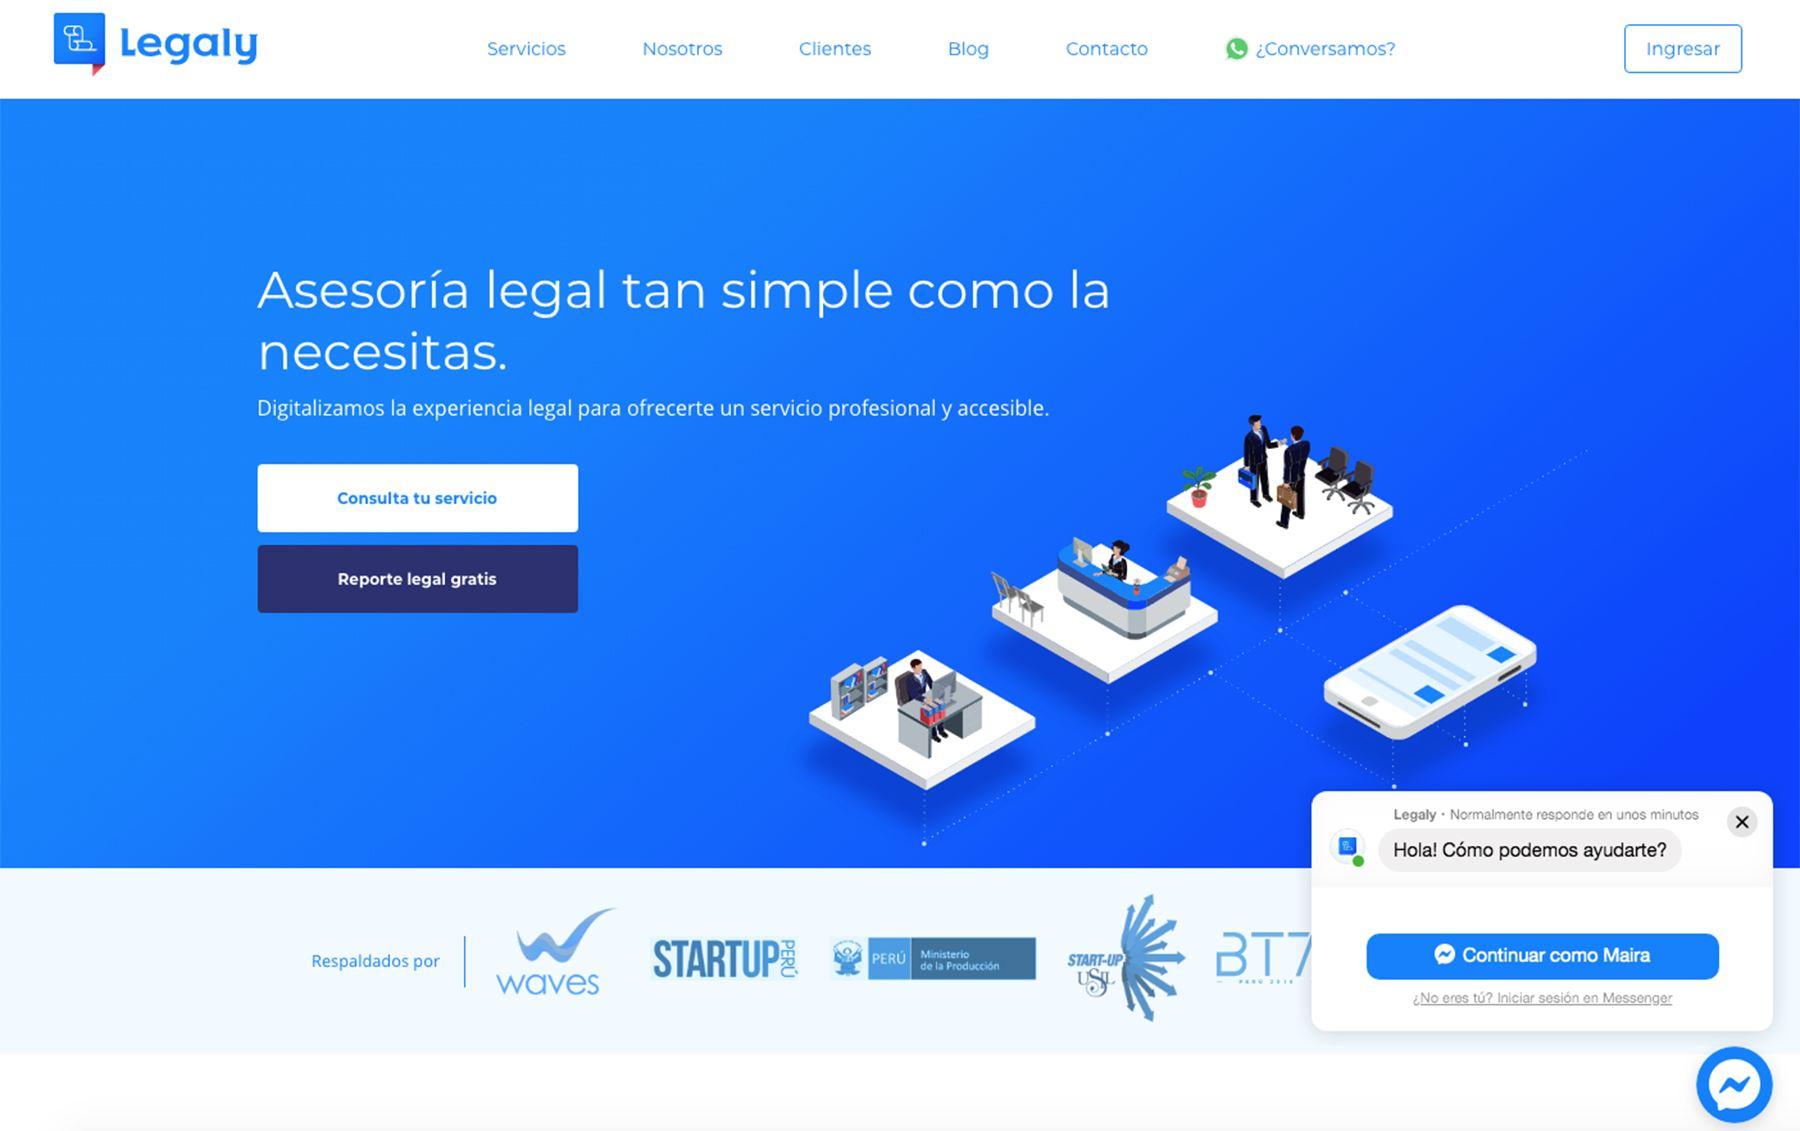 Legaly es una plataforma digital de gestión legal que te permite constituir tu empresa y realizar trámites desde la comodidad de la oficina.